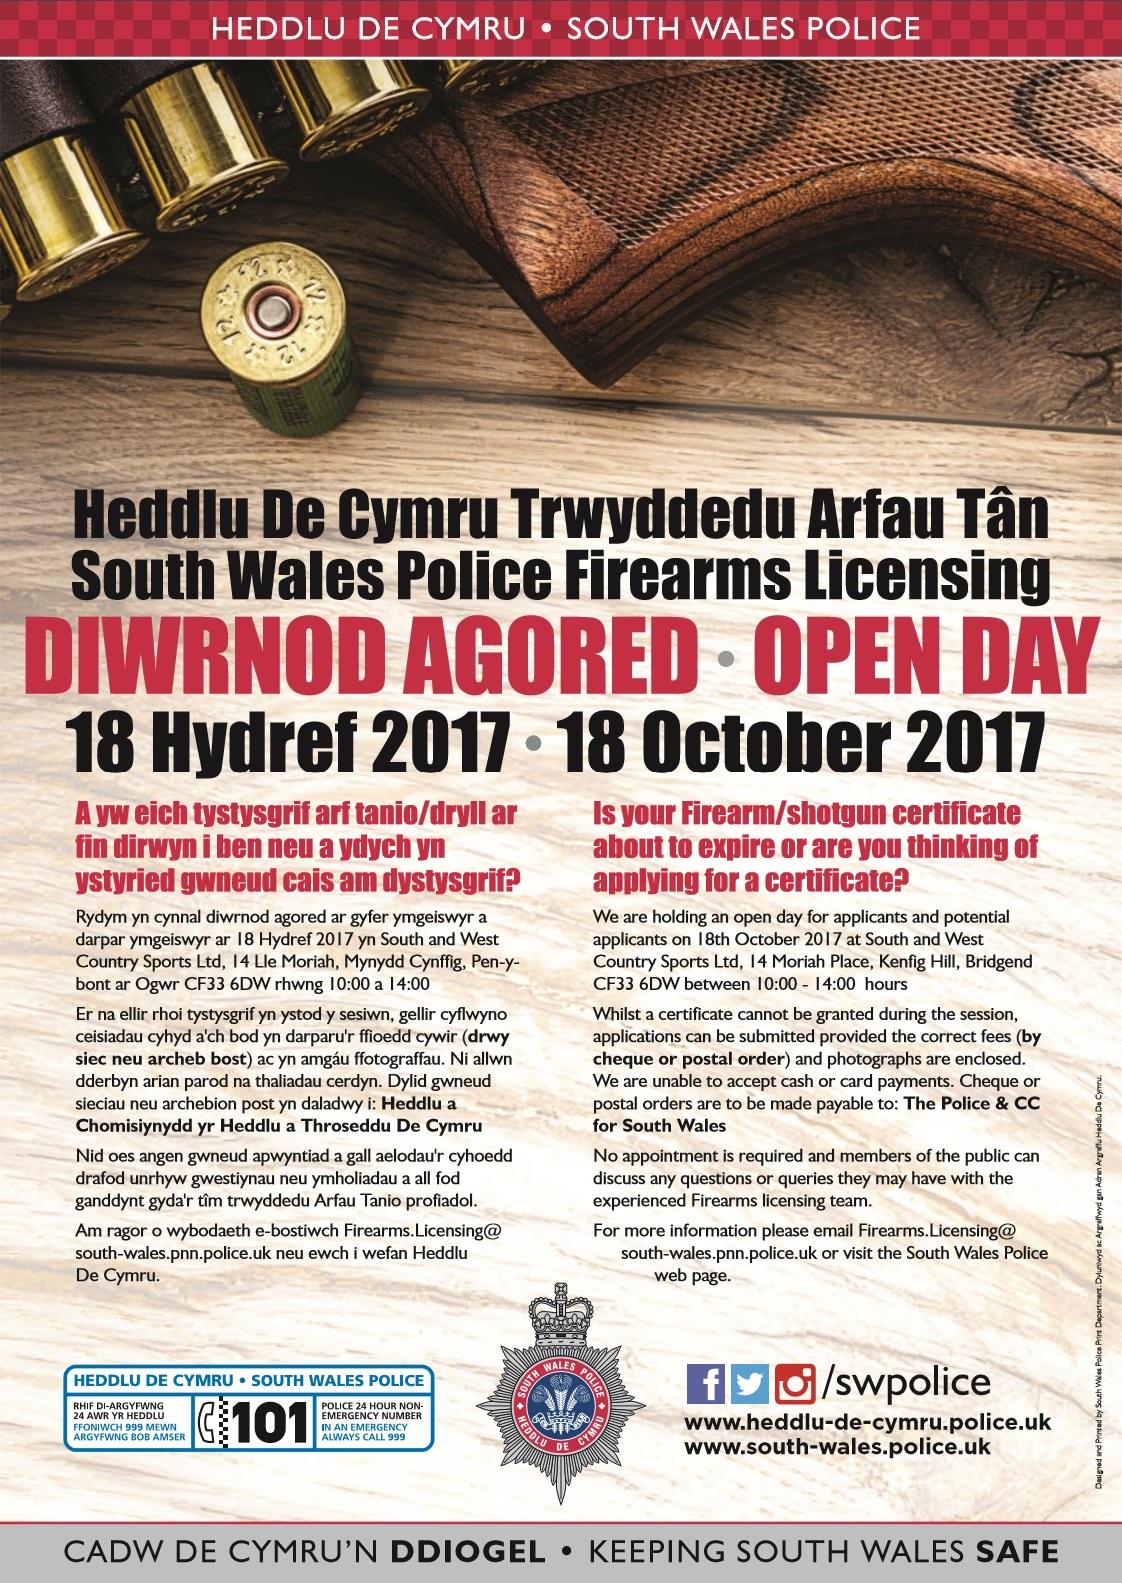 Firearms Open Day